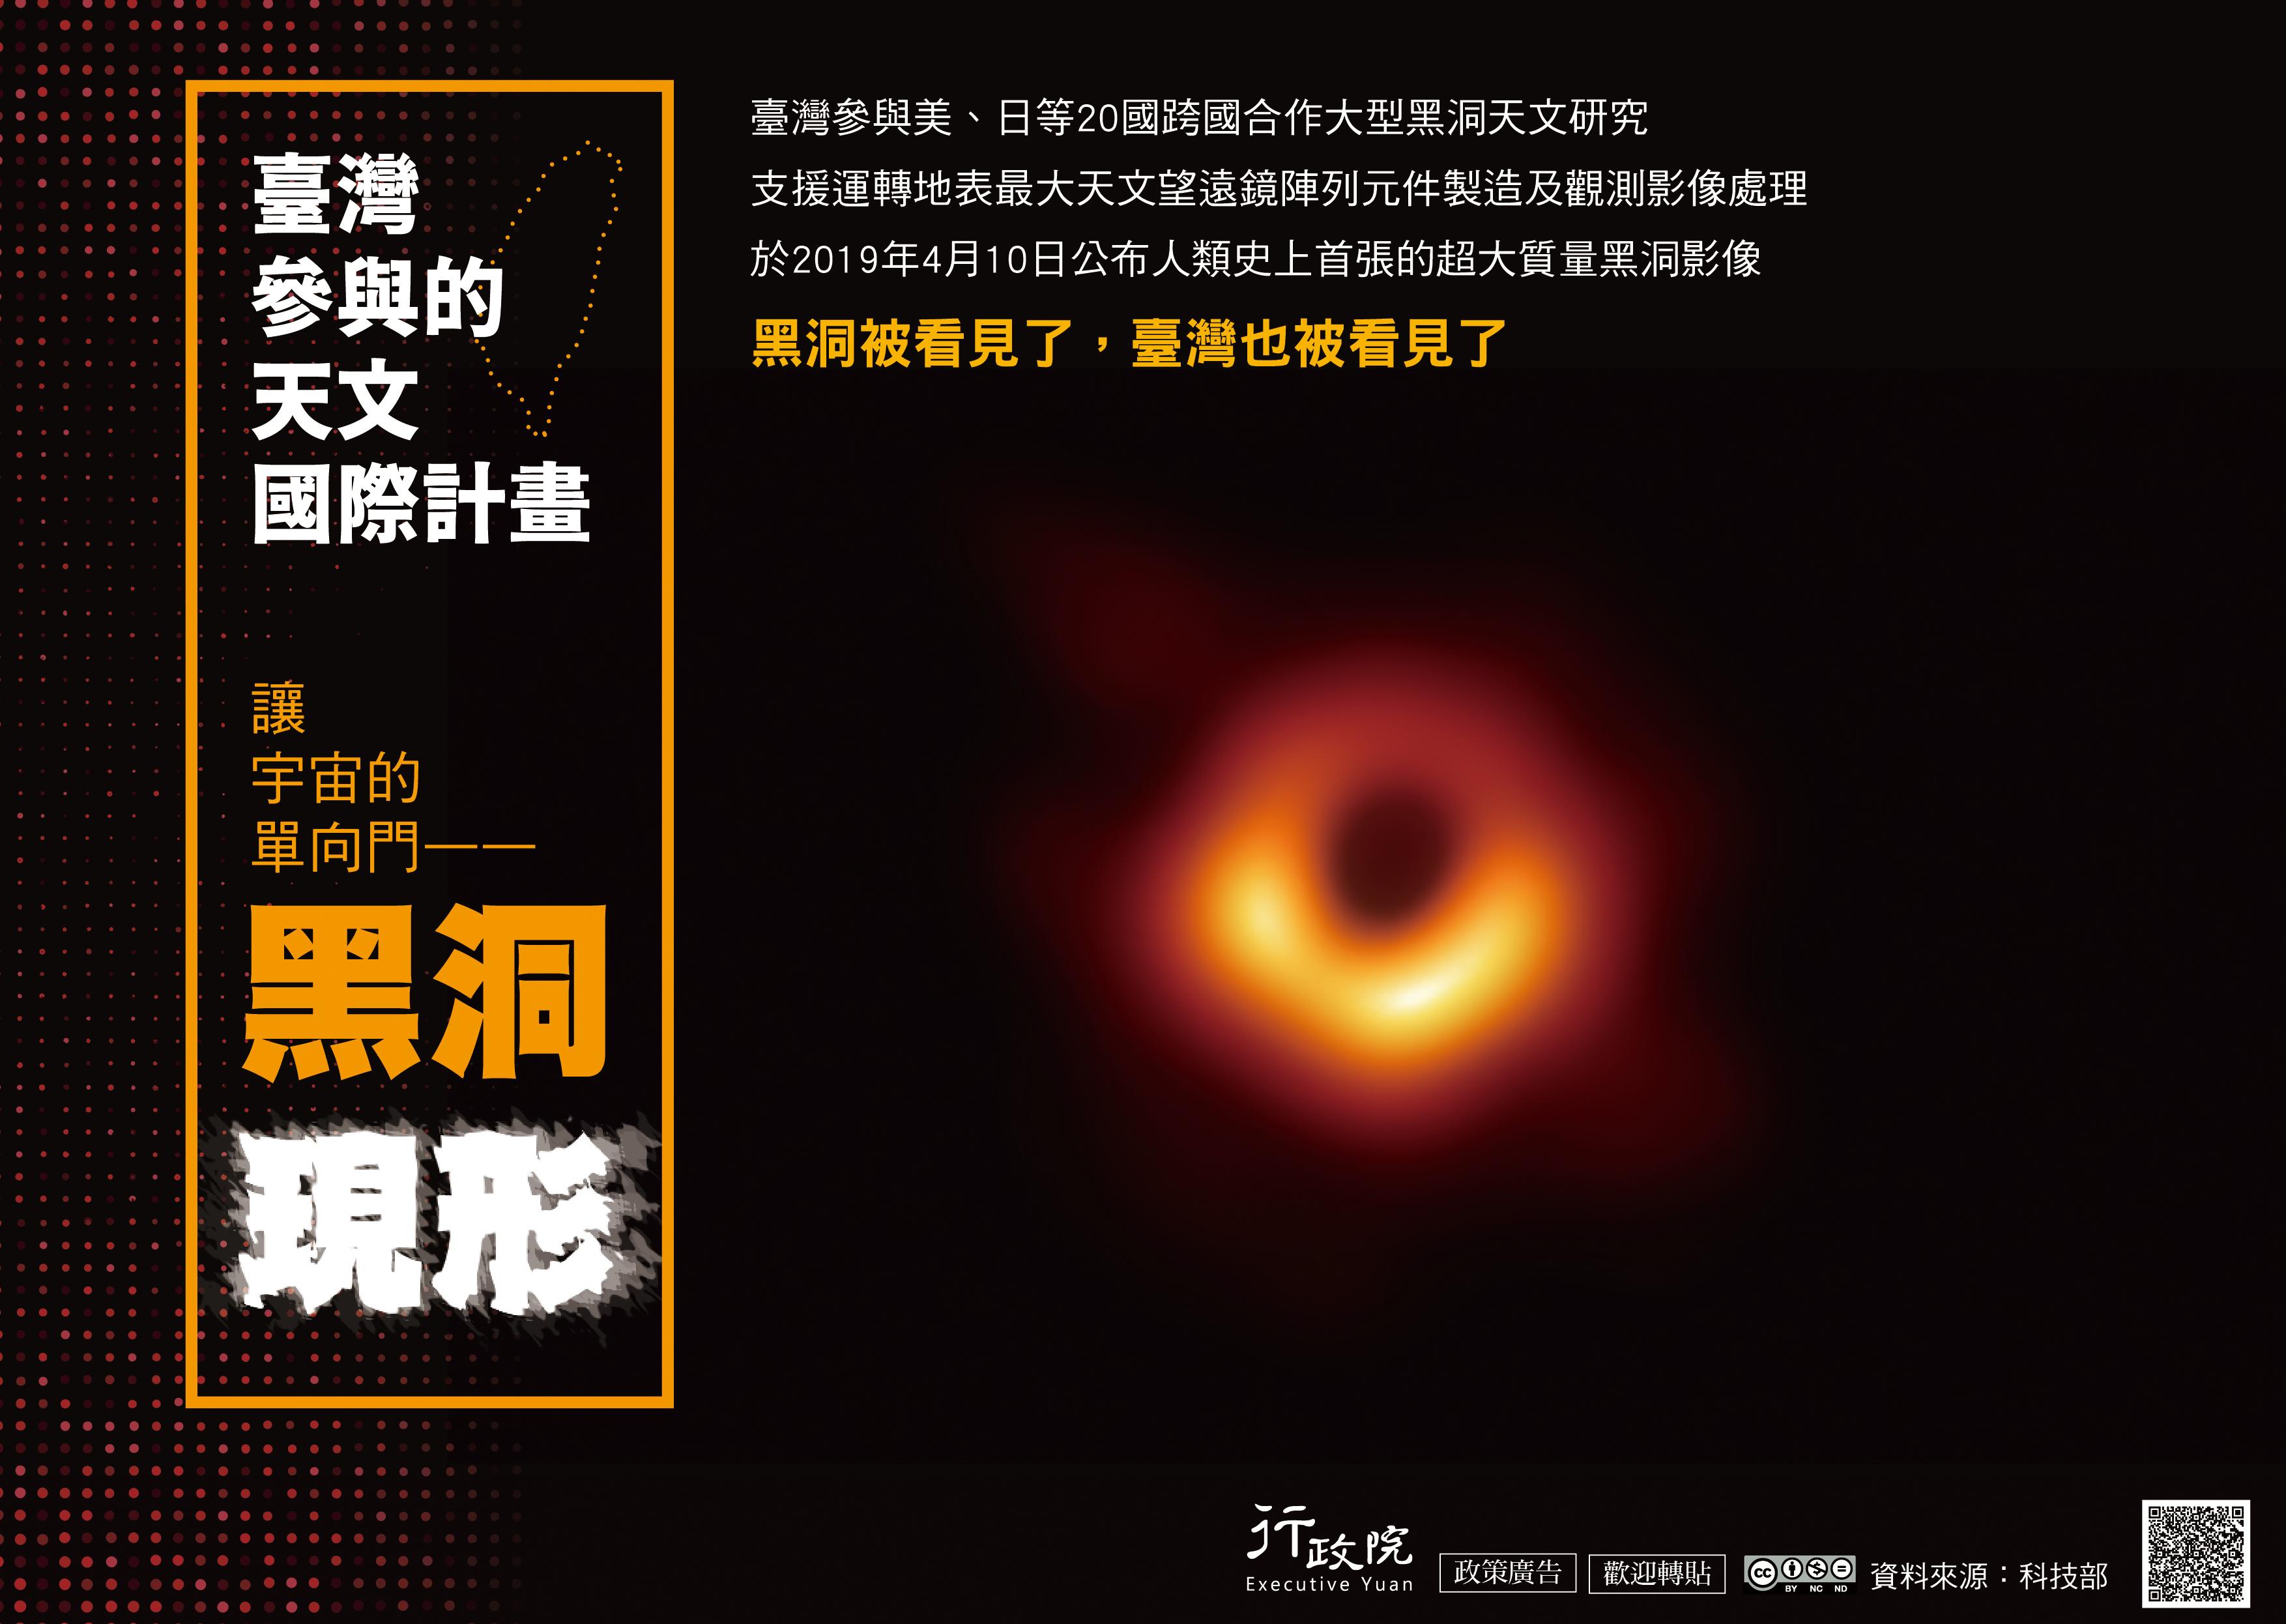 從黑洞研究看見臺灣